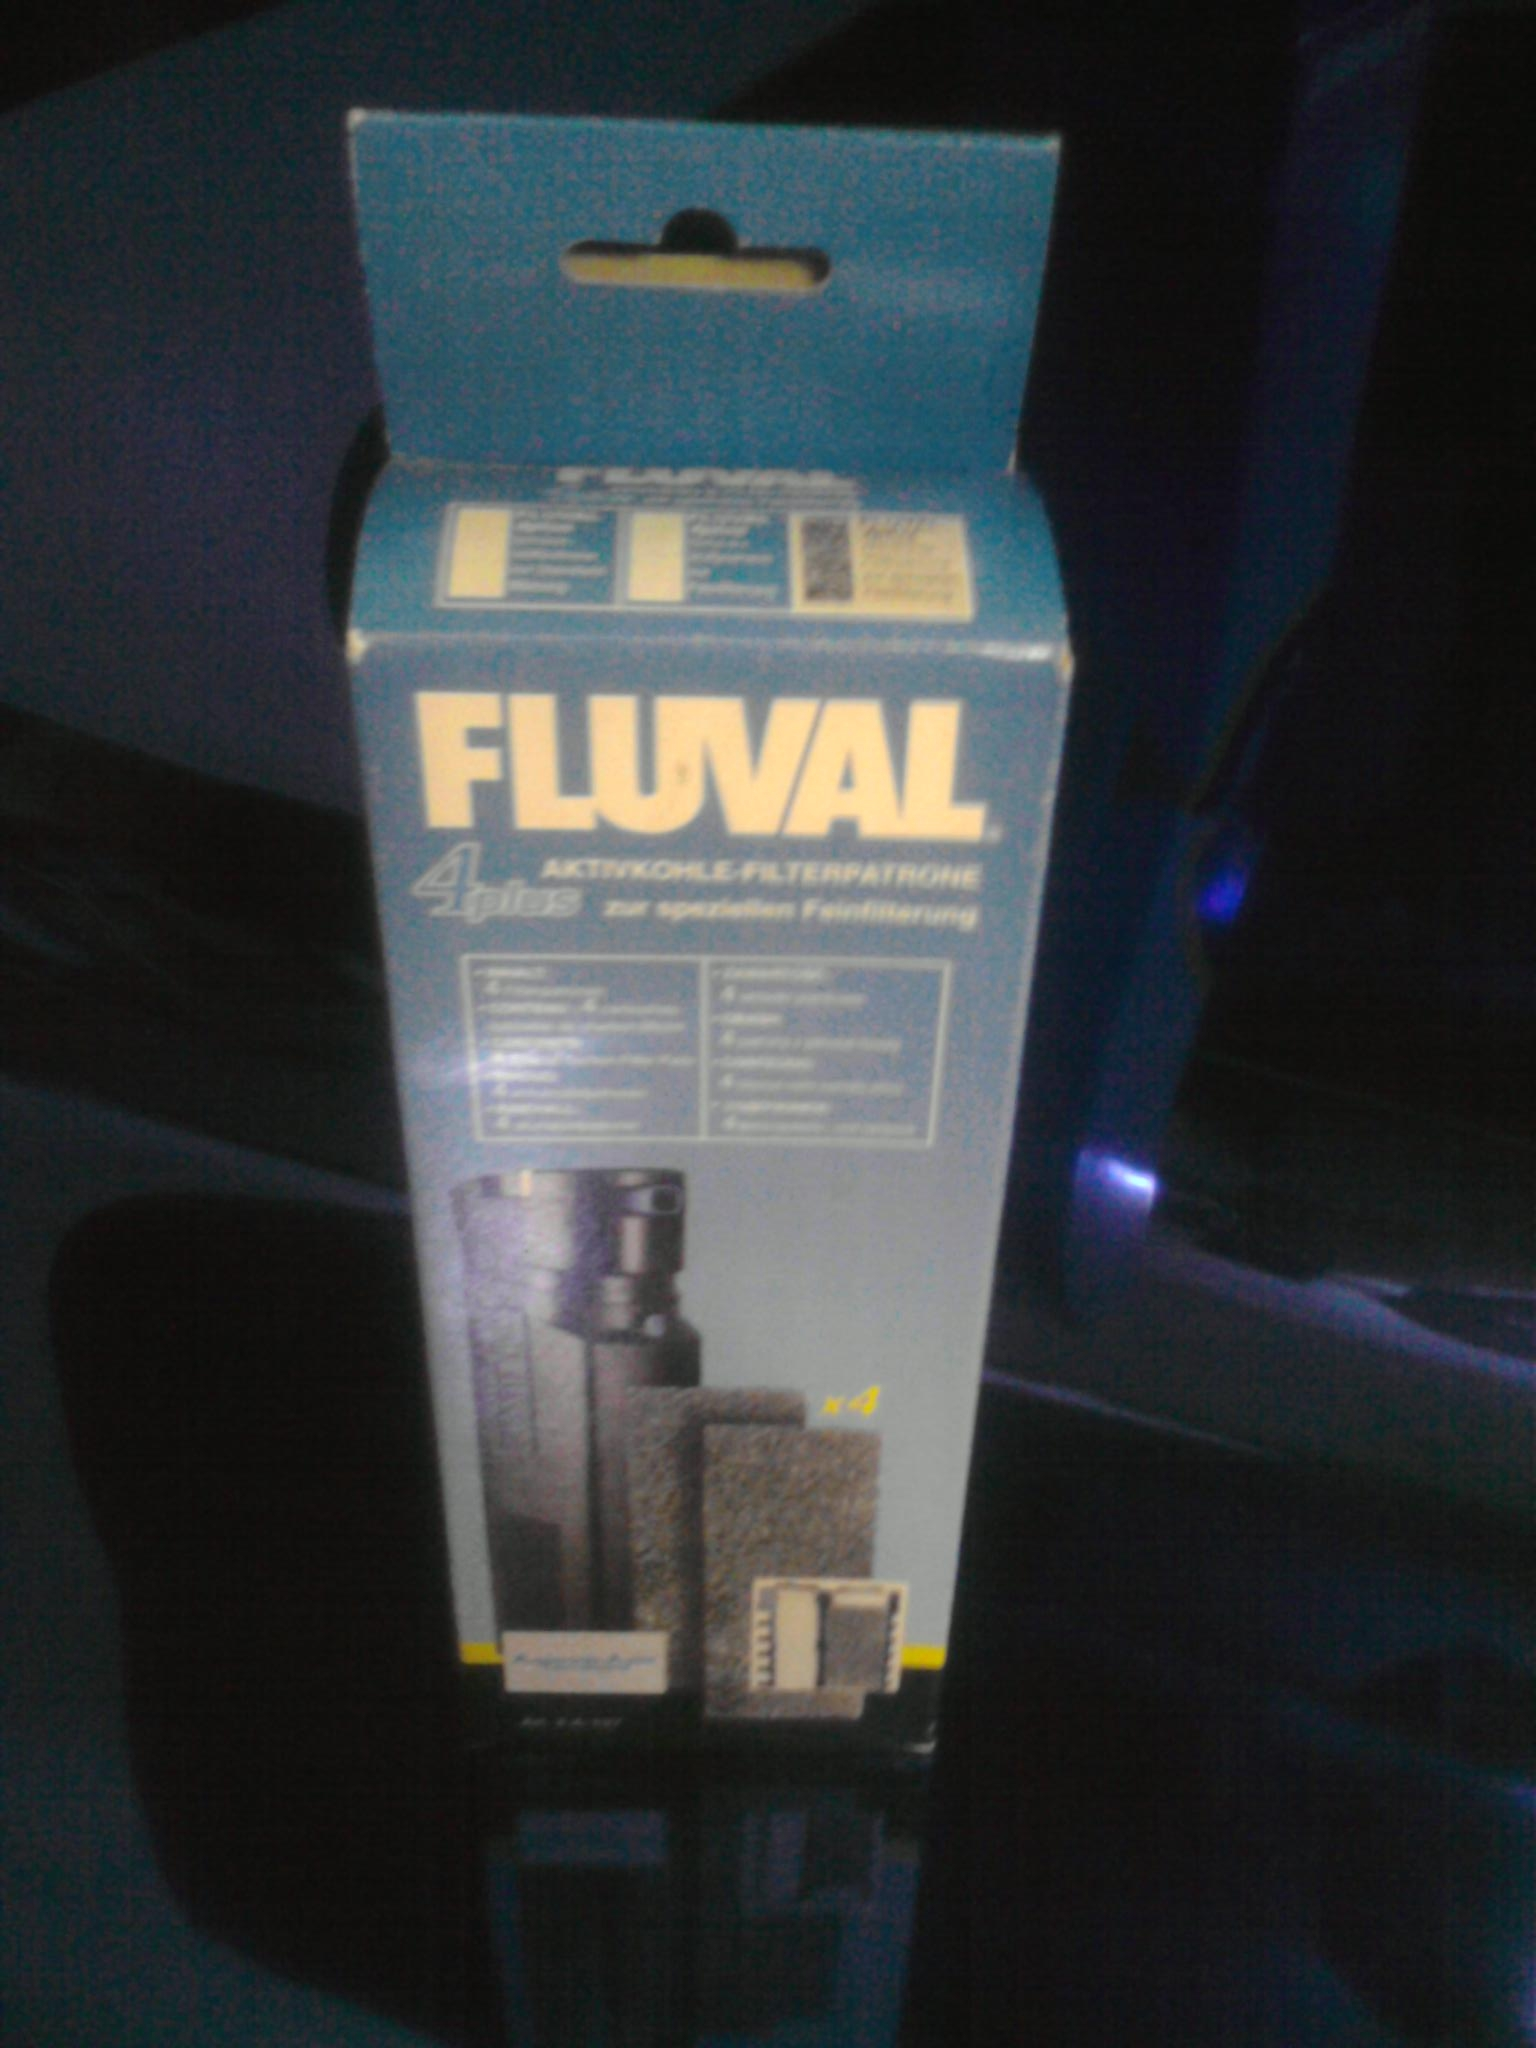 Aktivkohlefilter Fluval 4plus